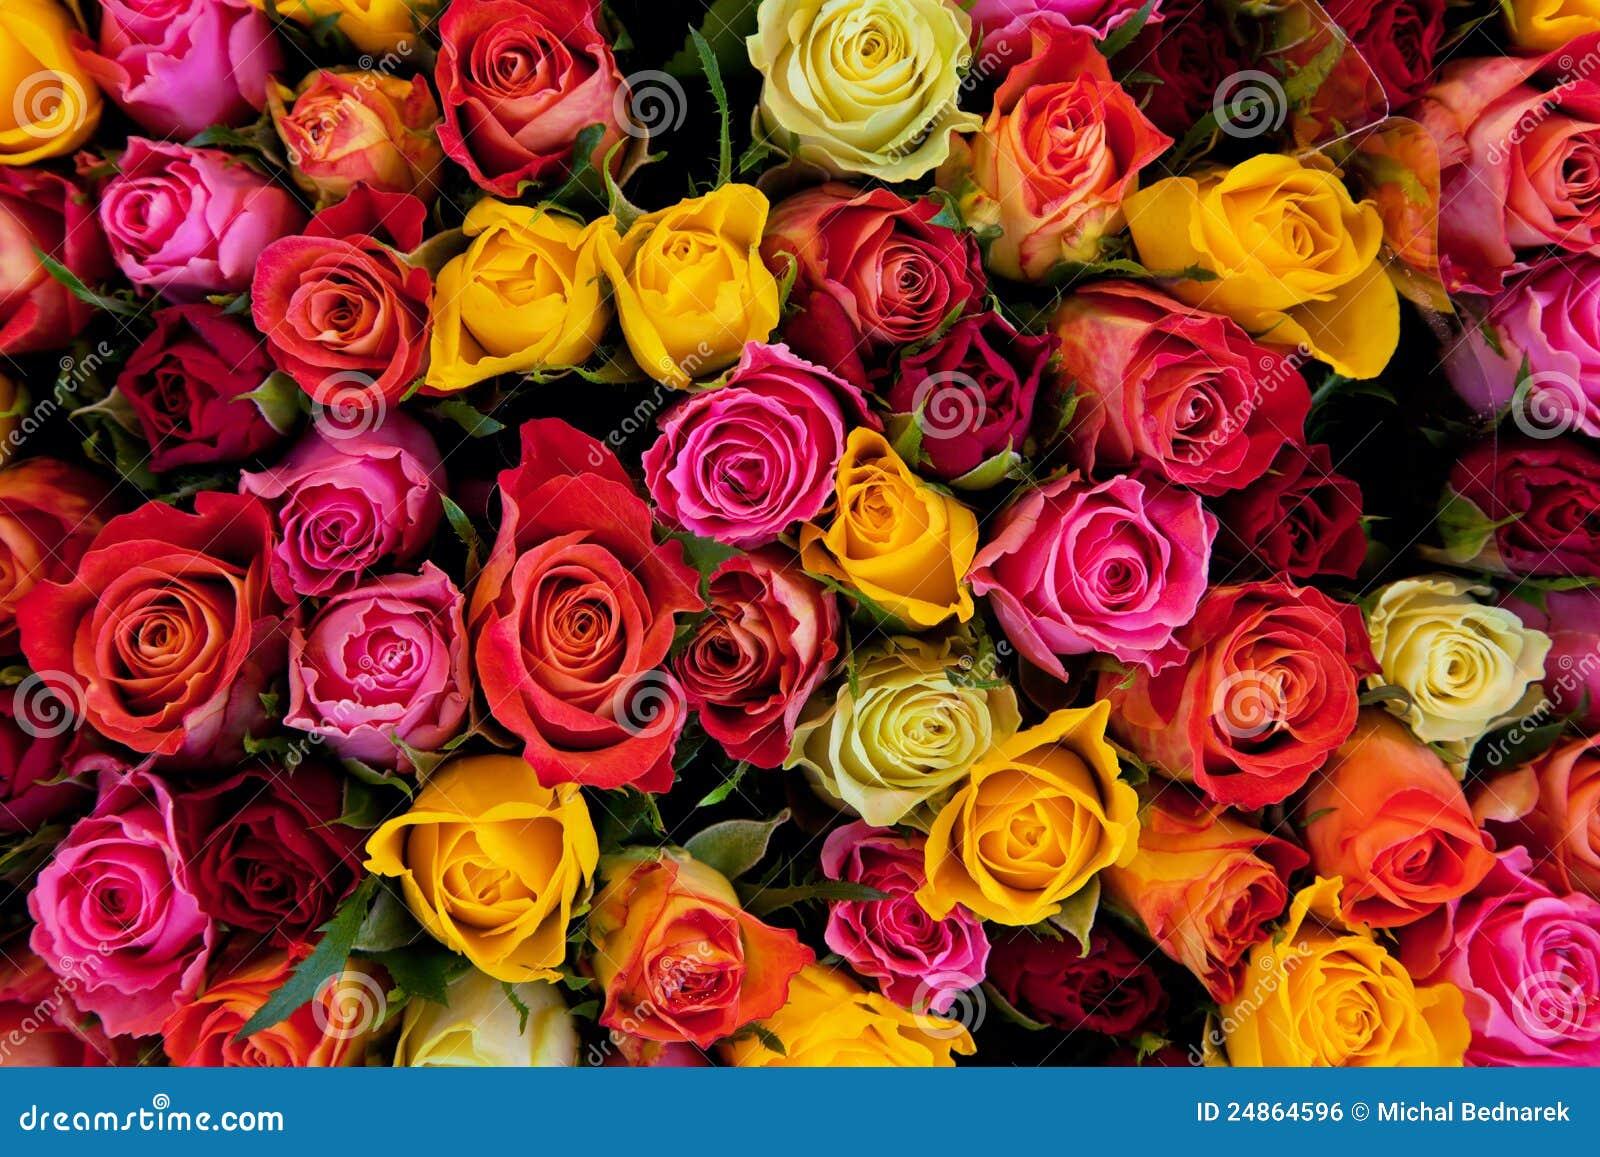 Fundo colorido das rosas